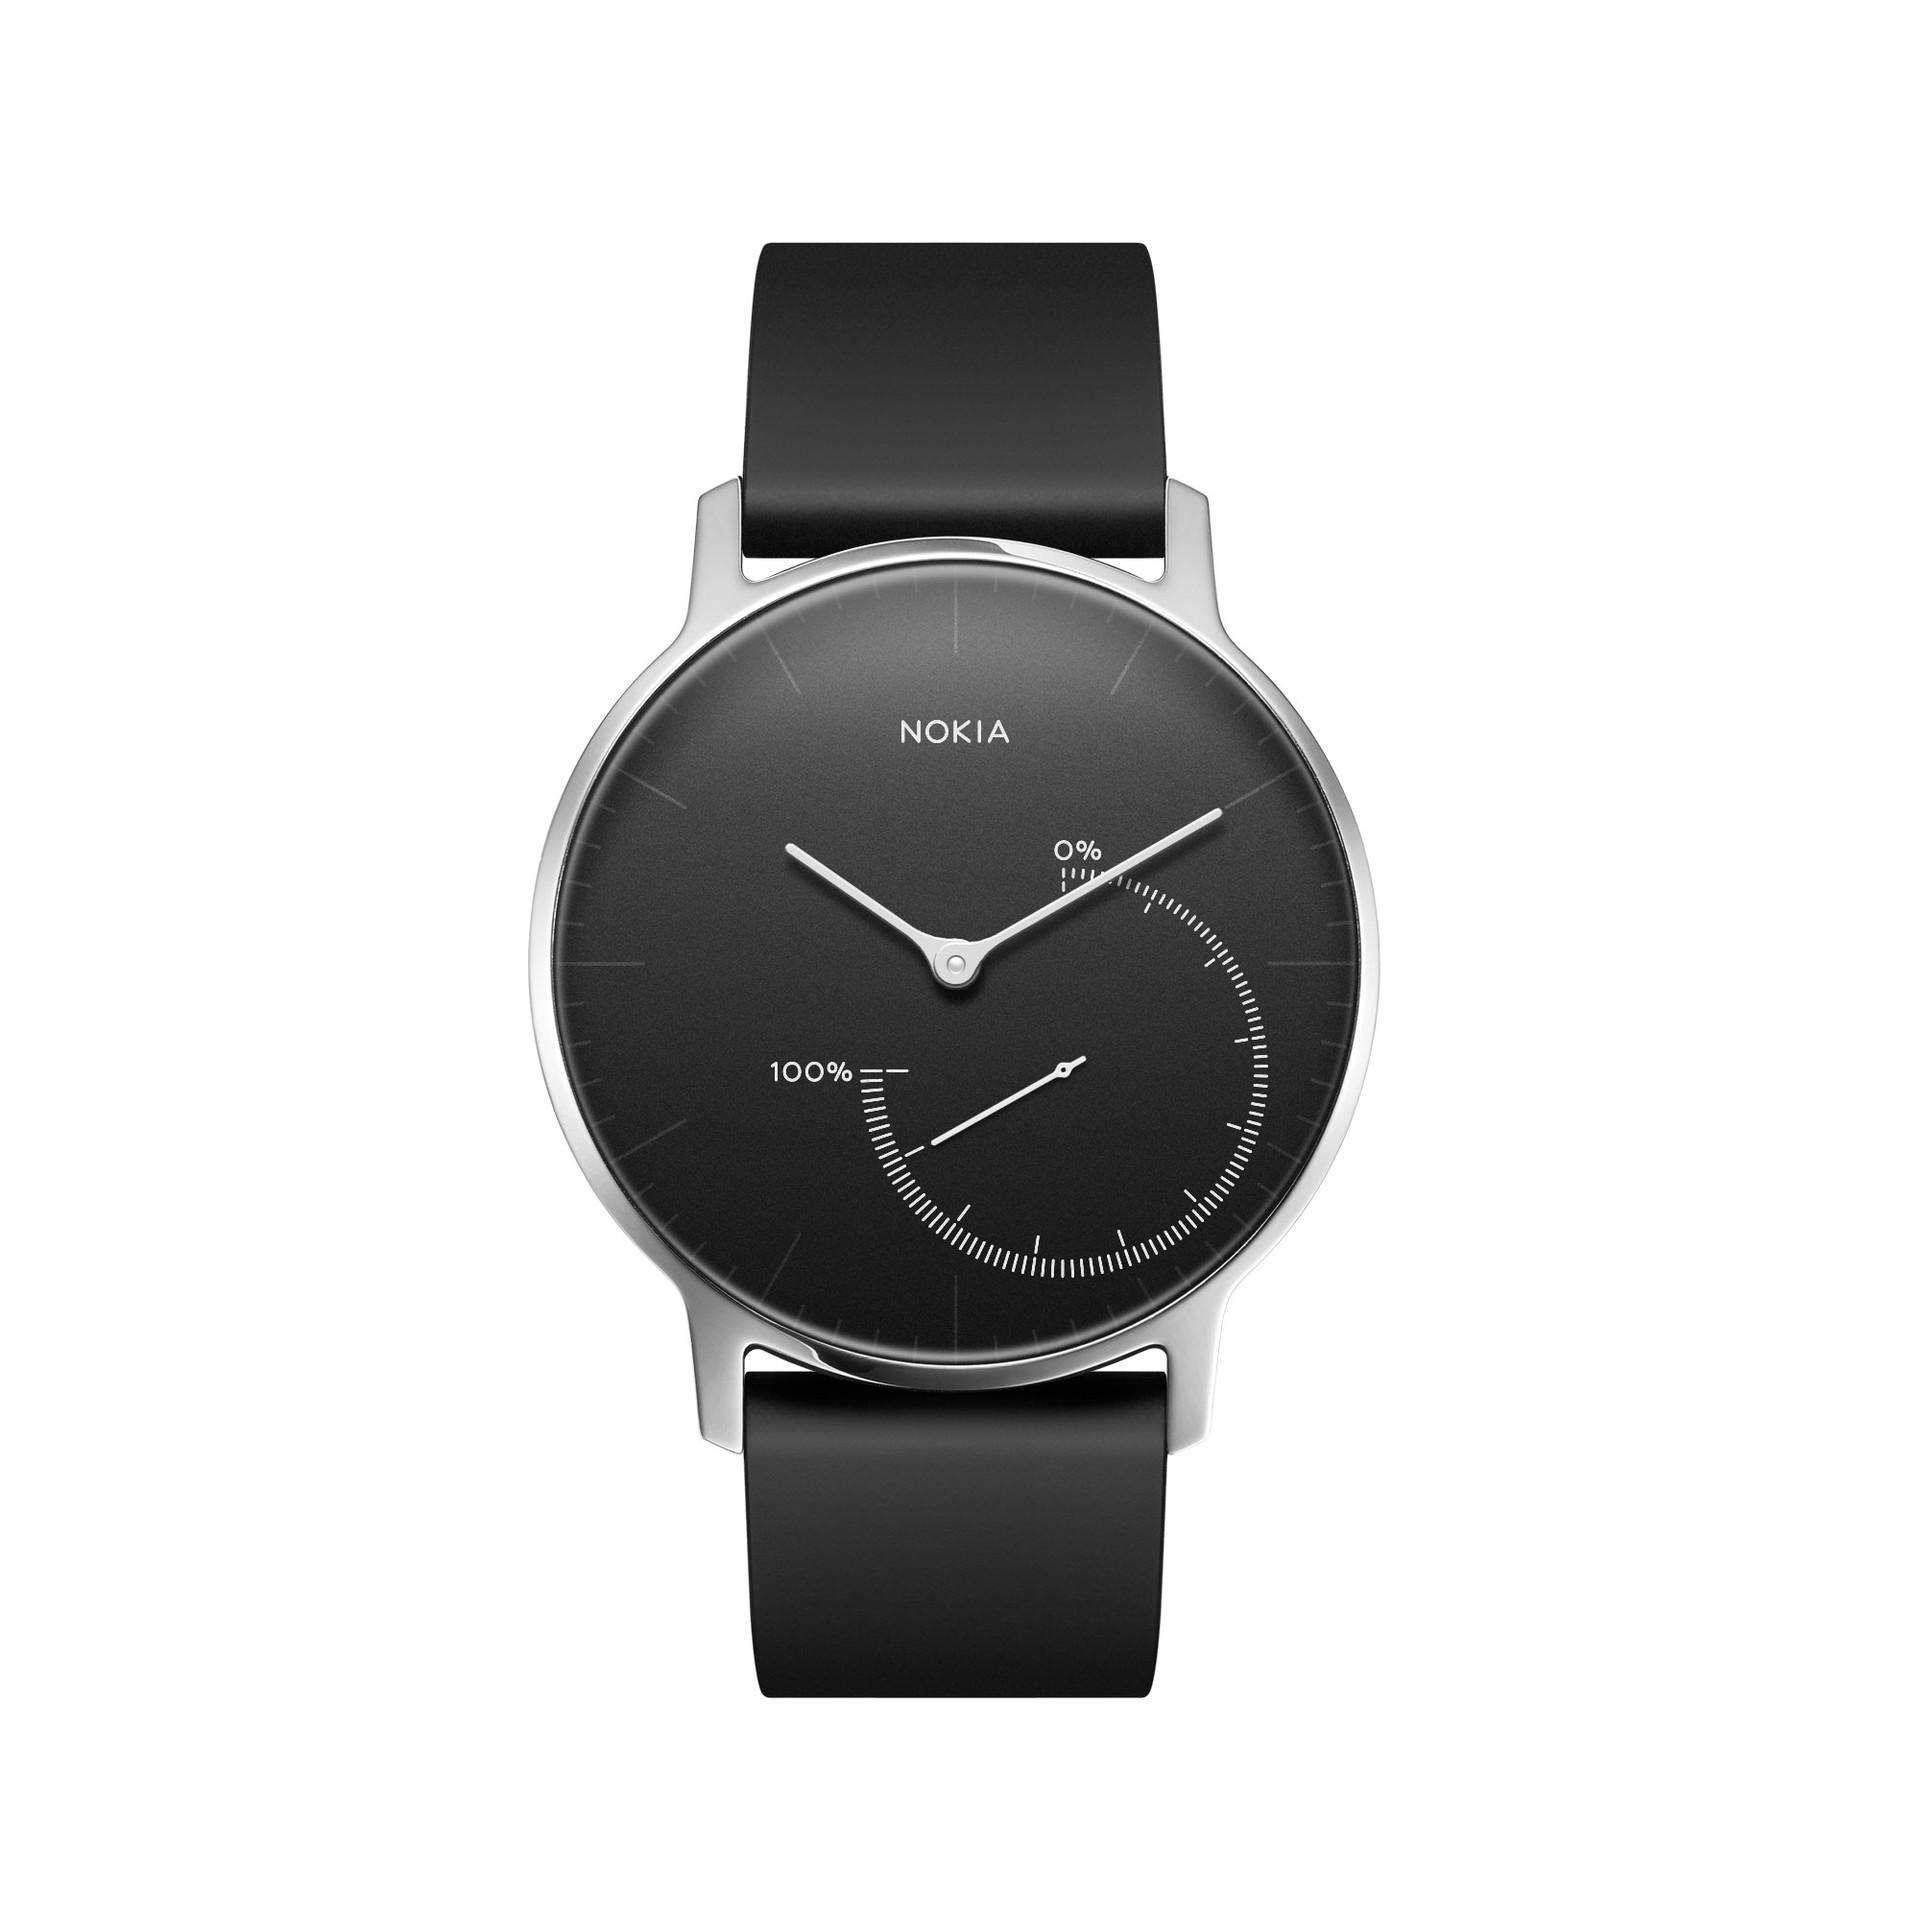 WITHINGS/NOKIA - Withings/Nokia - Steel (black)